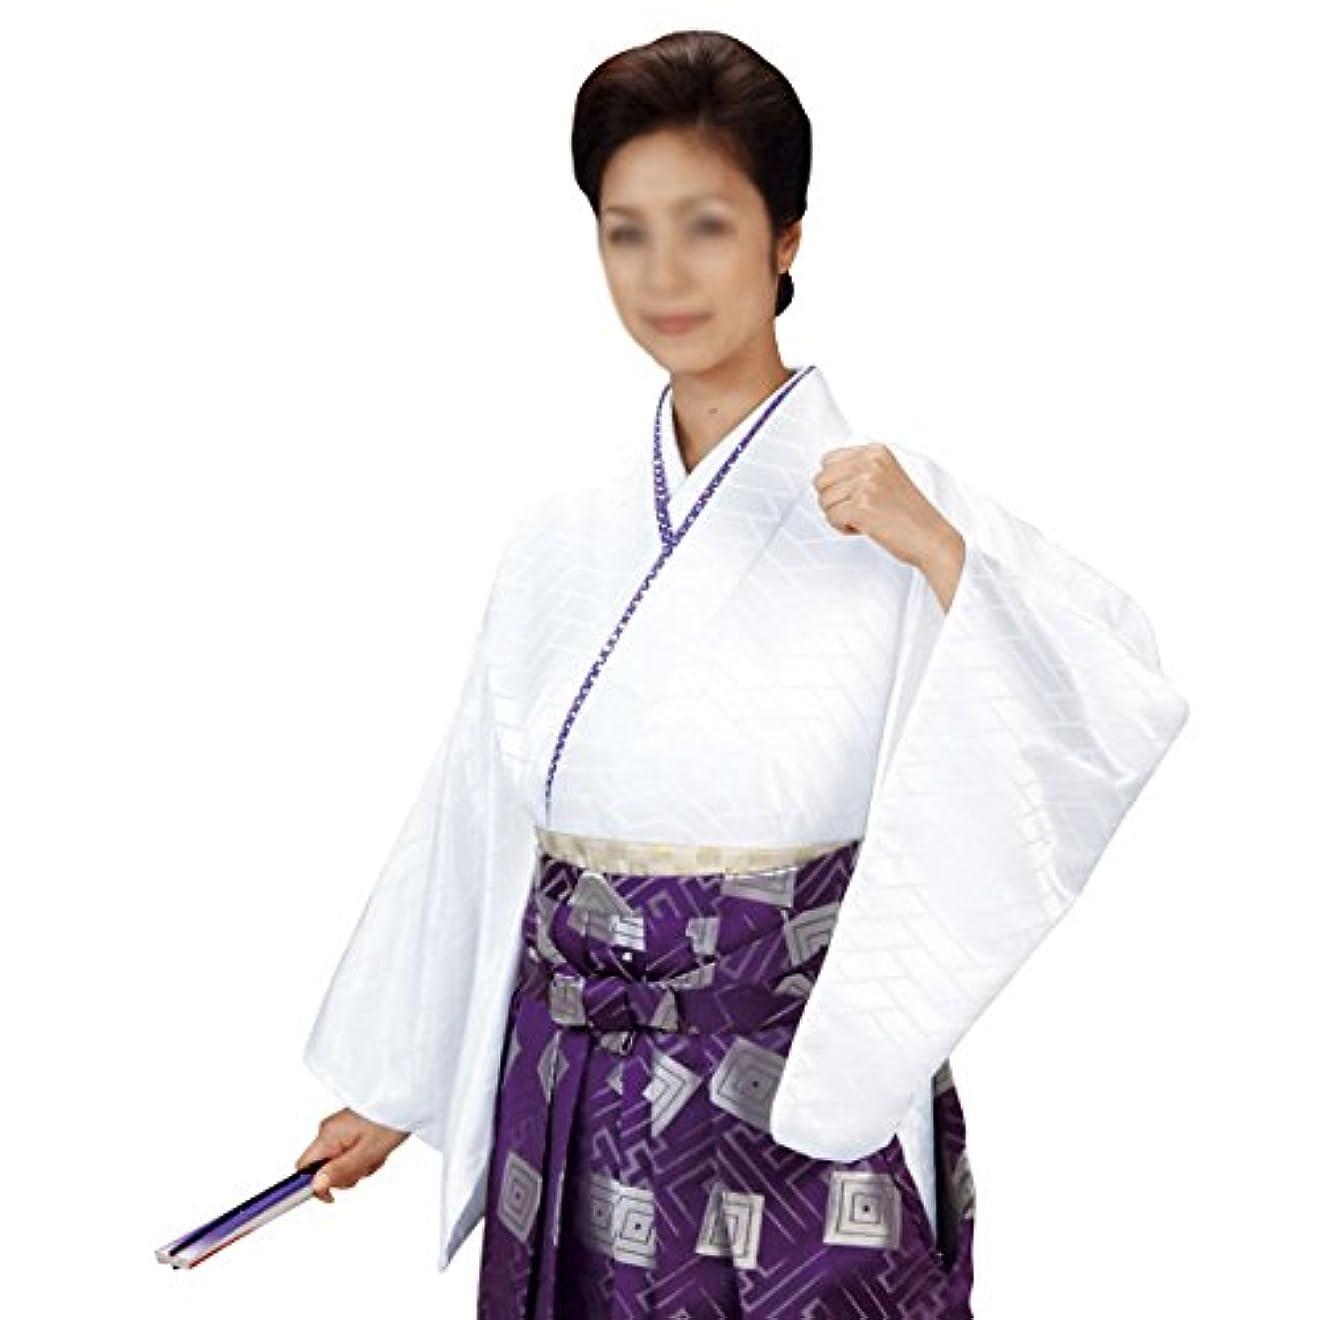 大気リングレット苦情文句袴下着物 きもの メンズ レディース 仕立上がり 舞台 舞踊 白色 5541